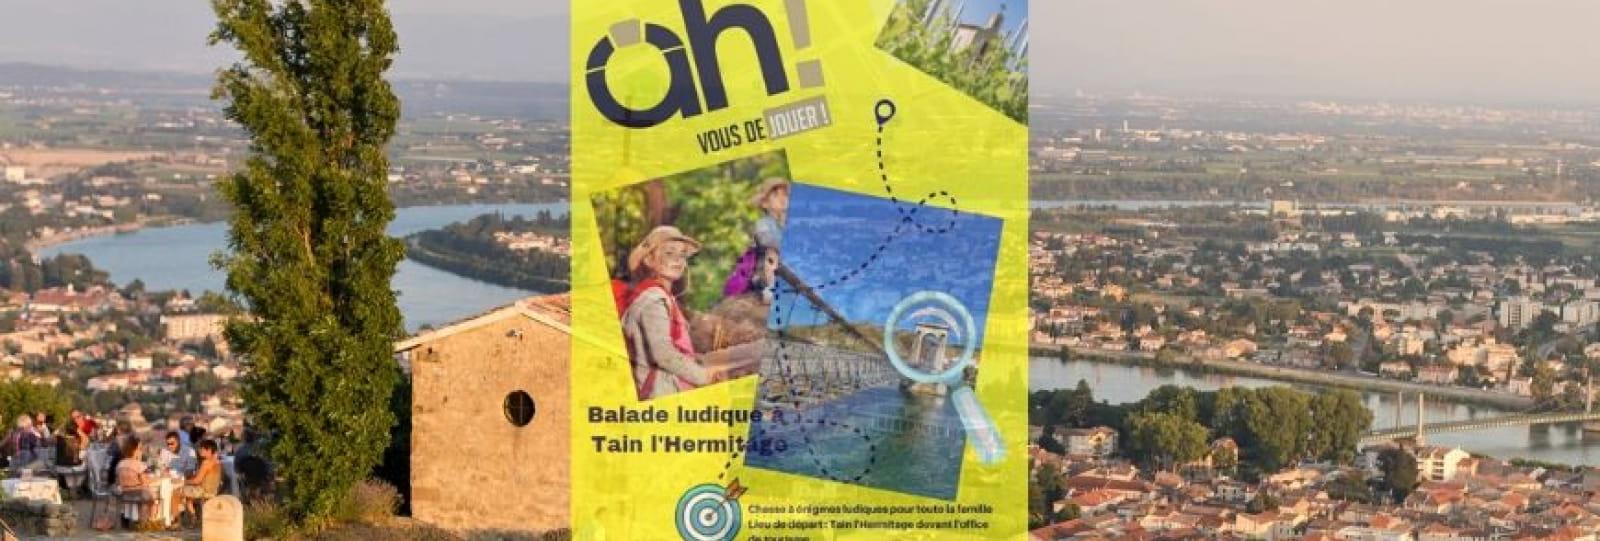 Balade ludique _Tain l'Hermitage_ Ardèche Hermitage Tourisme